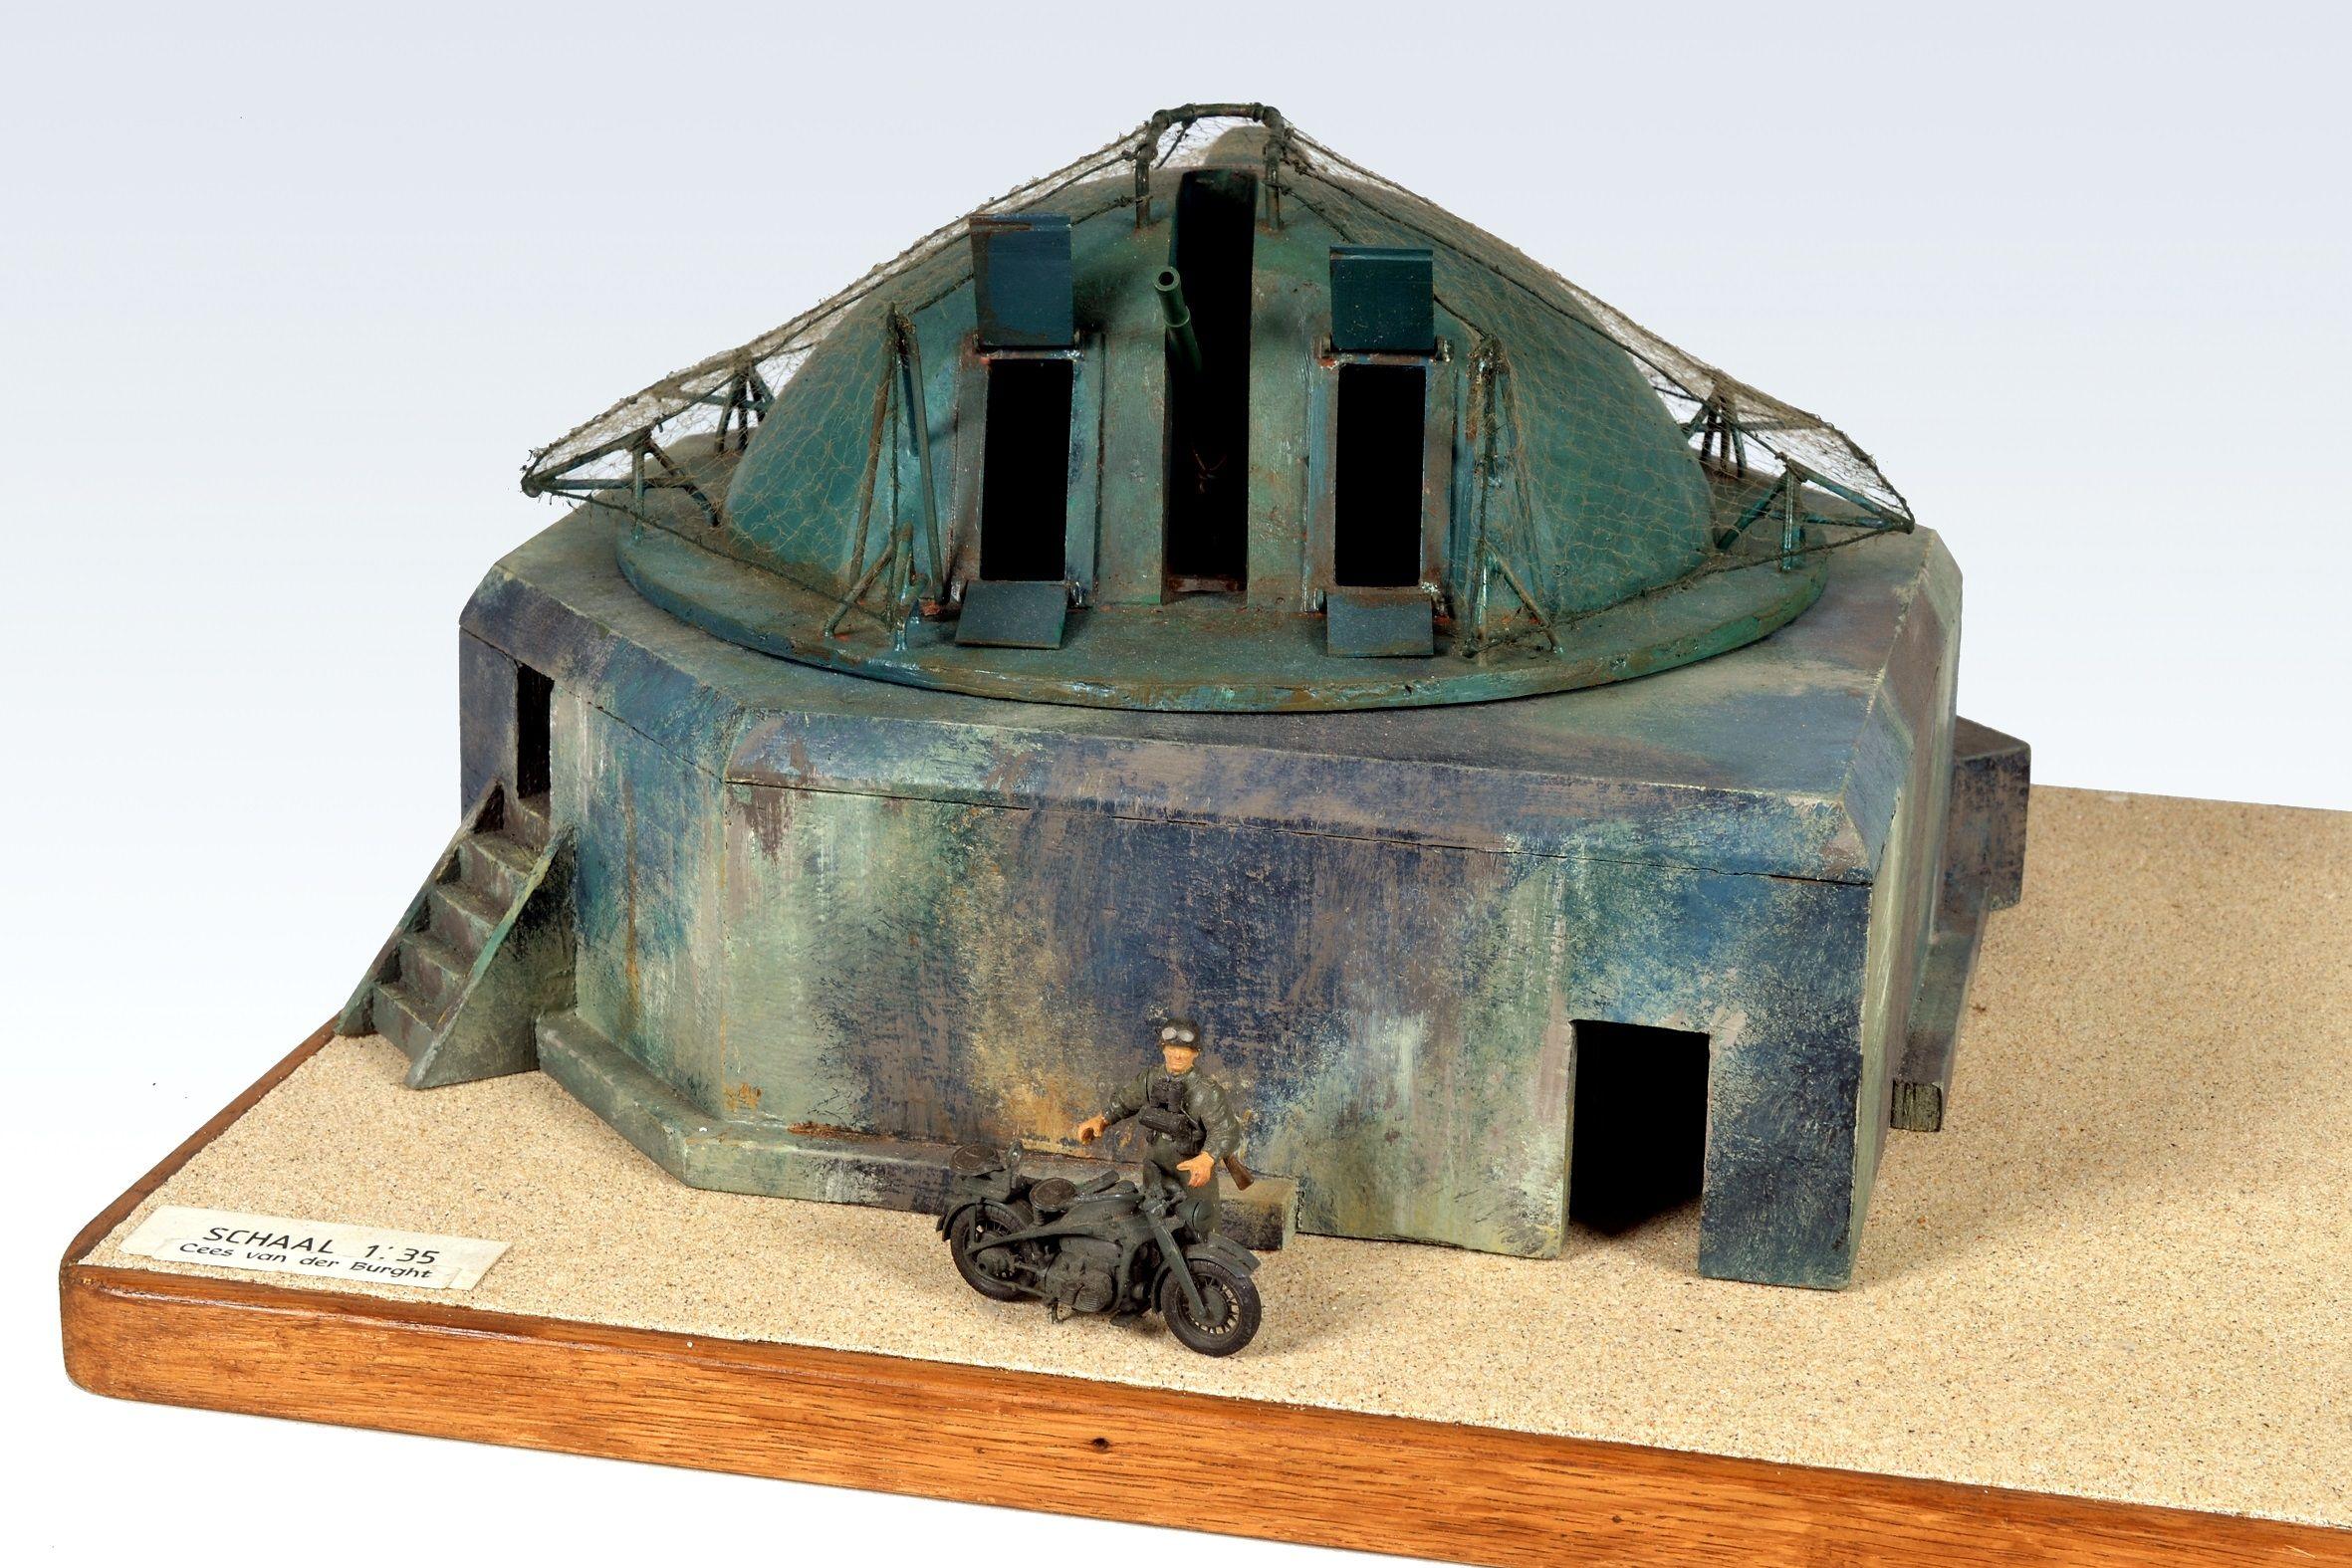 Maquette bunker. (Collectie Cees van der Burght, Zeeuws maritiem muZEEum)